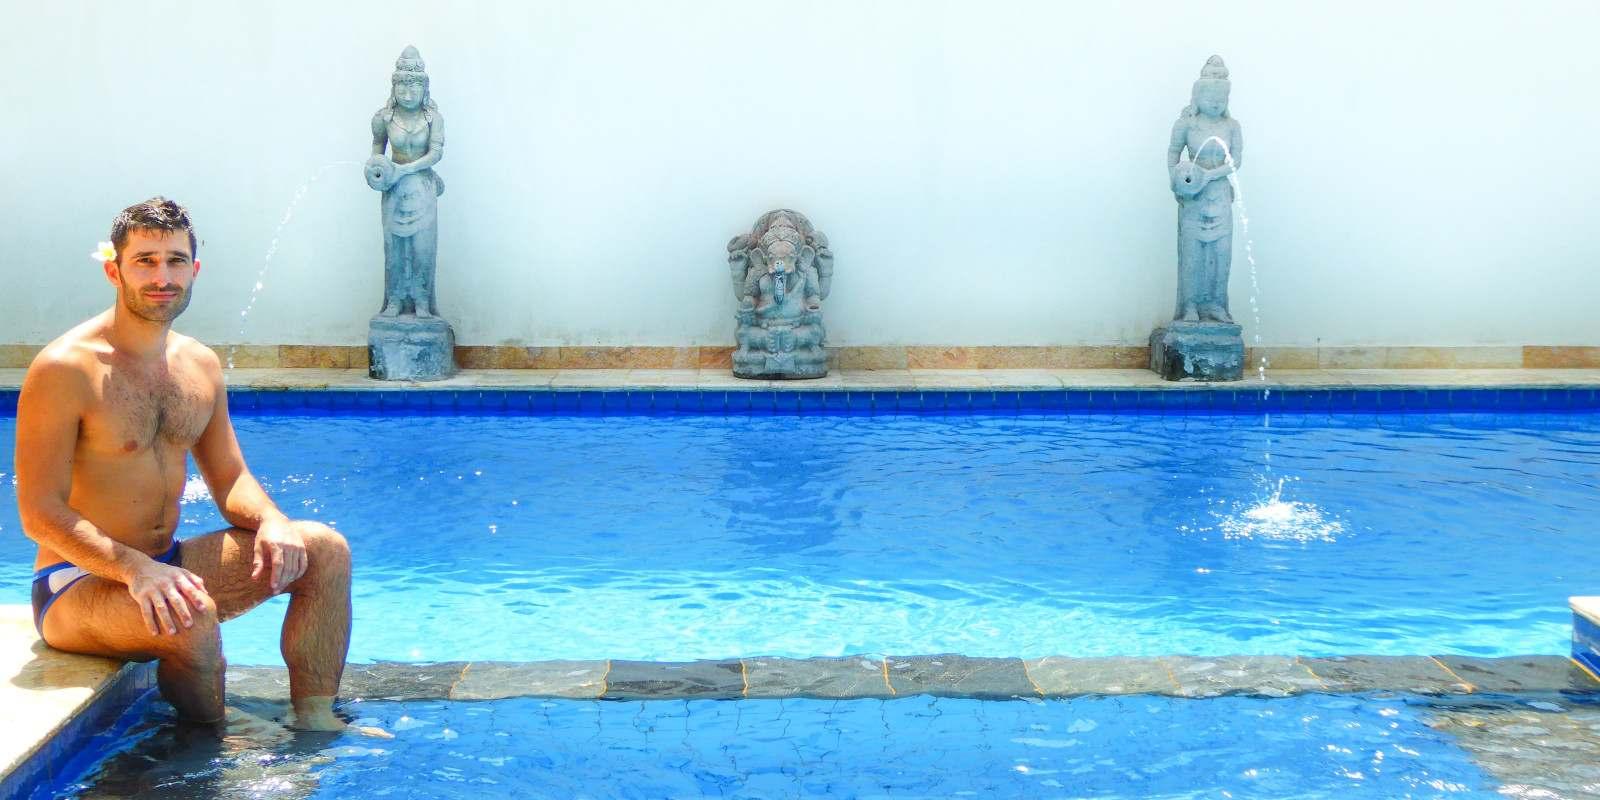 O hotel Martas é um dos nossos alojamentos gay friendly favoritos nas ilhas gili